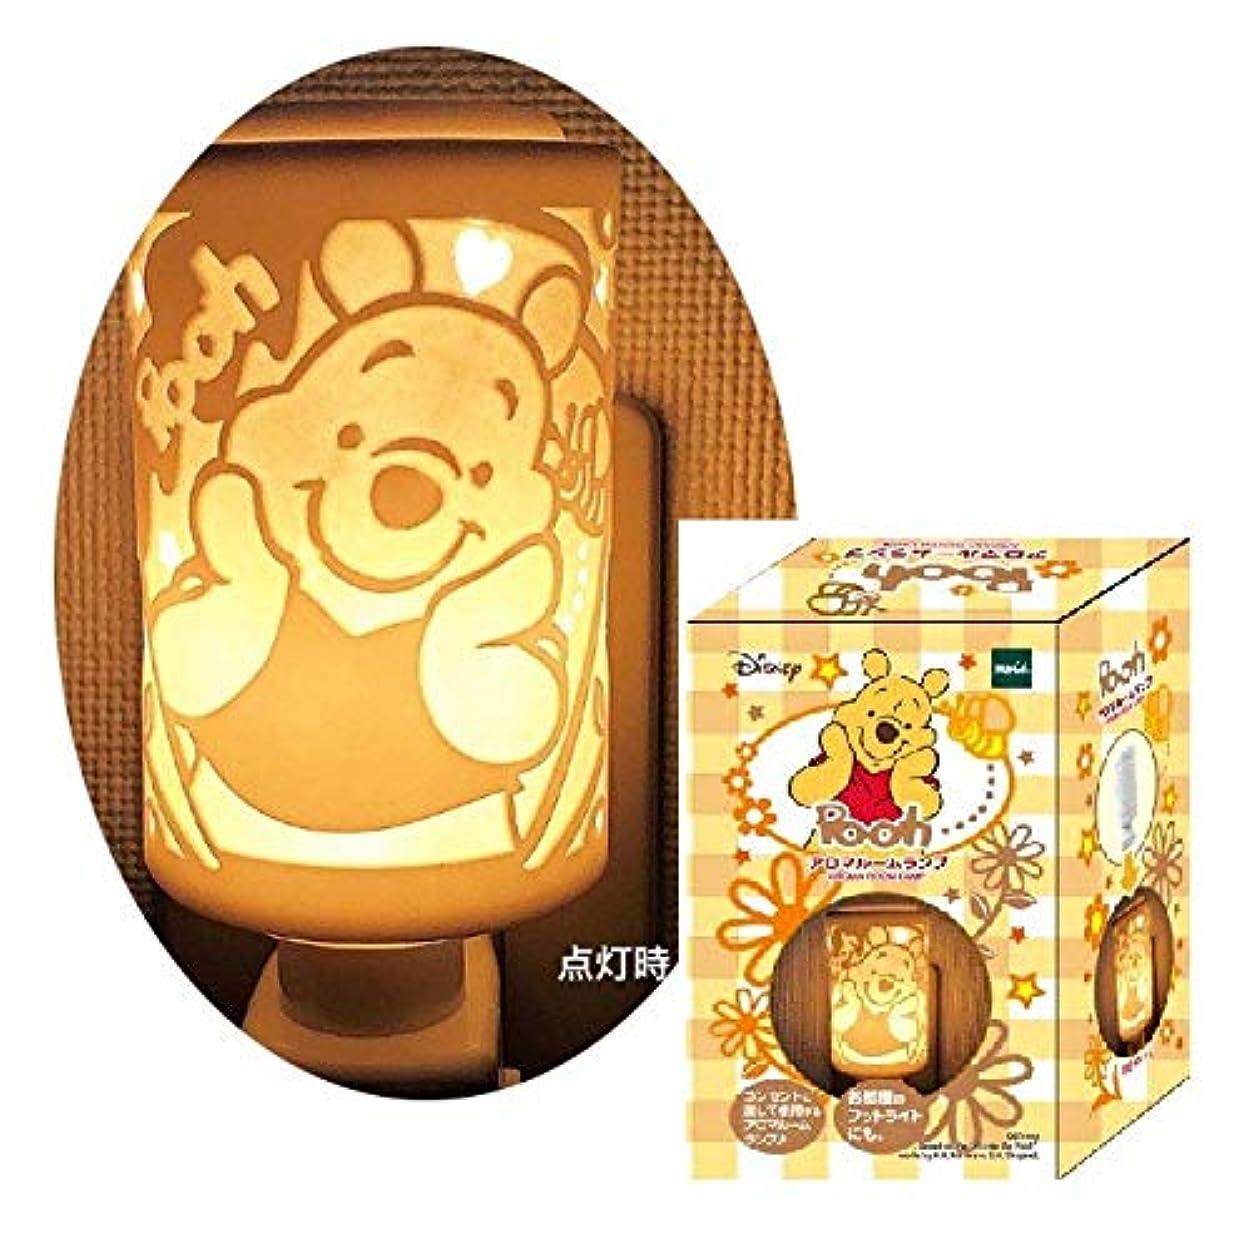 Disney ディズニー くまのプーさん アロマランプ アロマライト アロマルームランプ コンセントタイプ 電気式芳香器 陶器製 キャラクター ルームライト ルームランプ フットライト (プーさん)